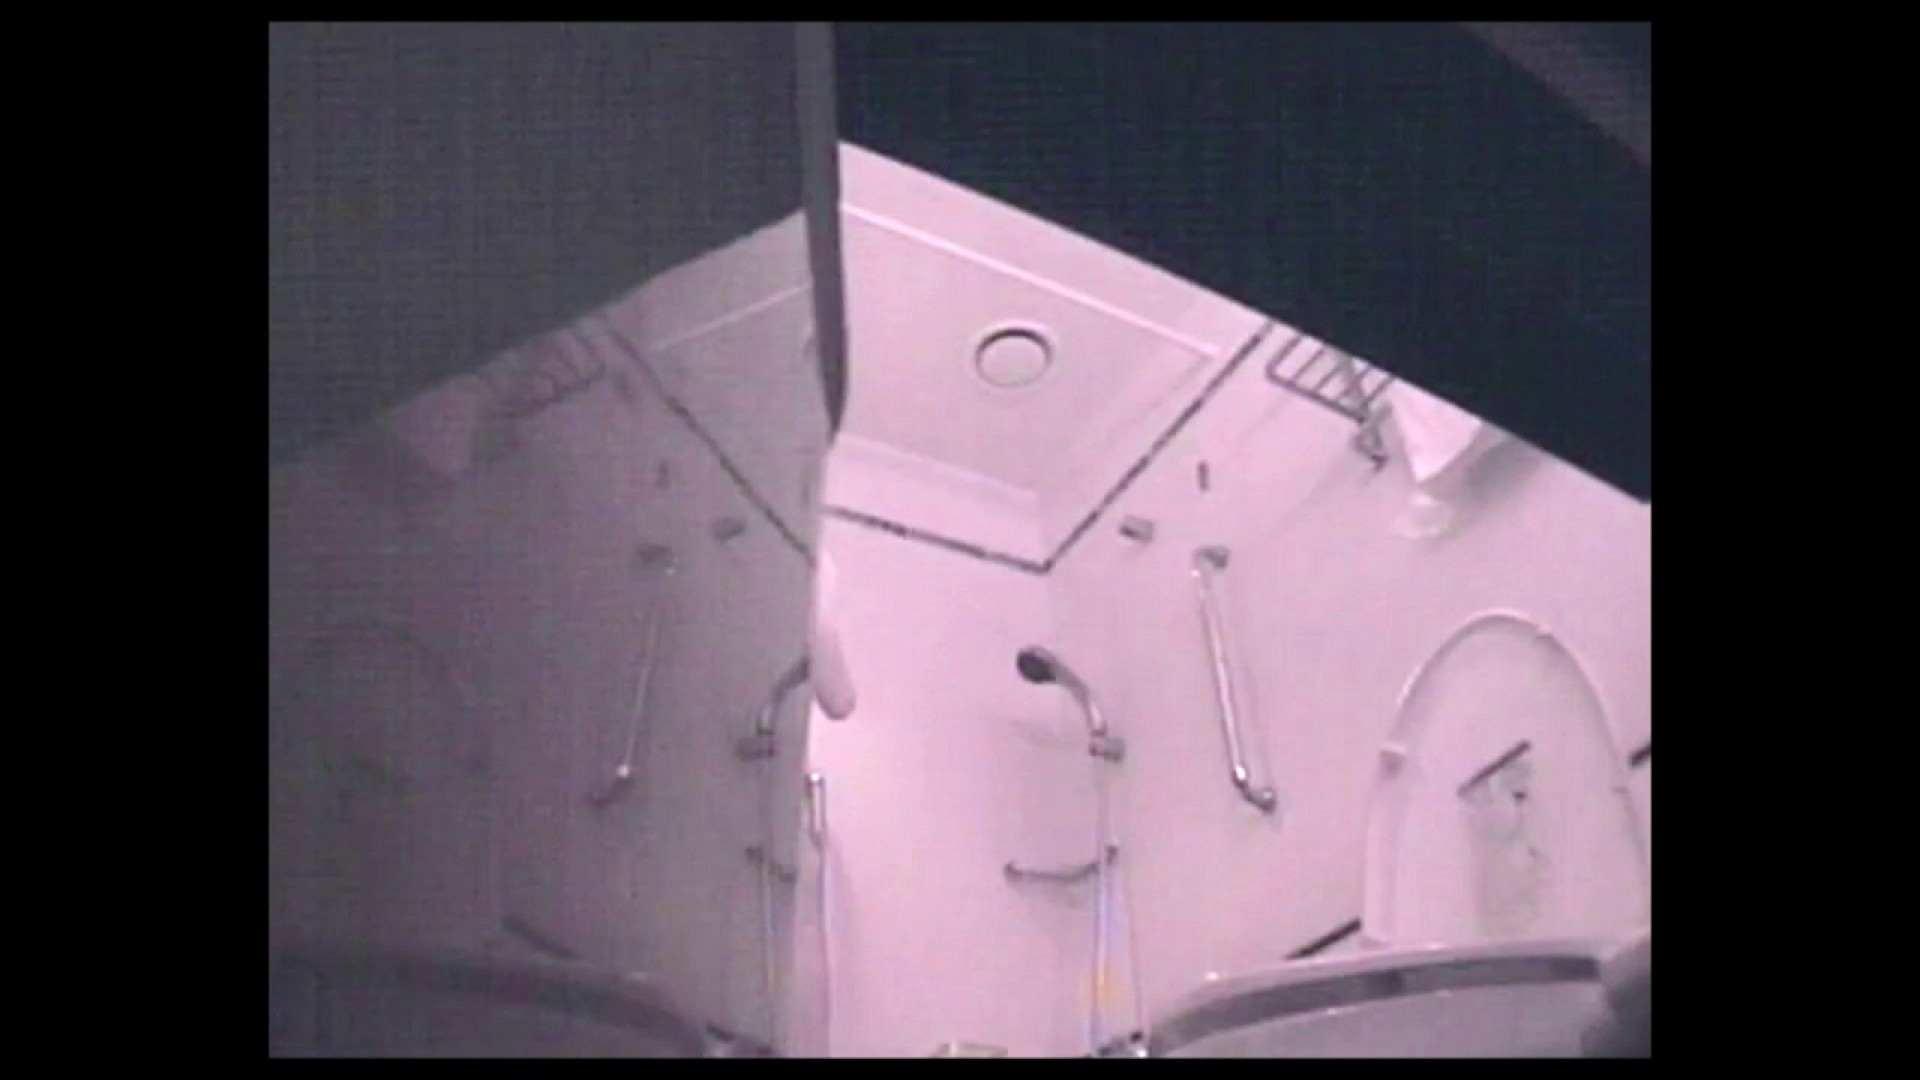 【限定】 闇の花道 Vol.19 影対某芸能関係者 美乳 おめこ無修正動画無料 108枚 34